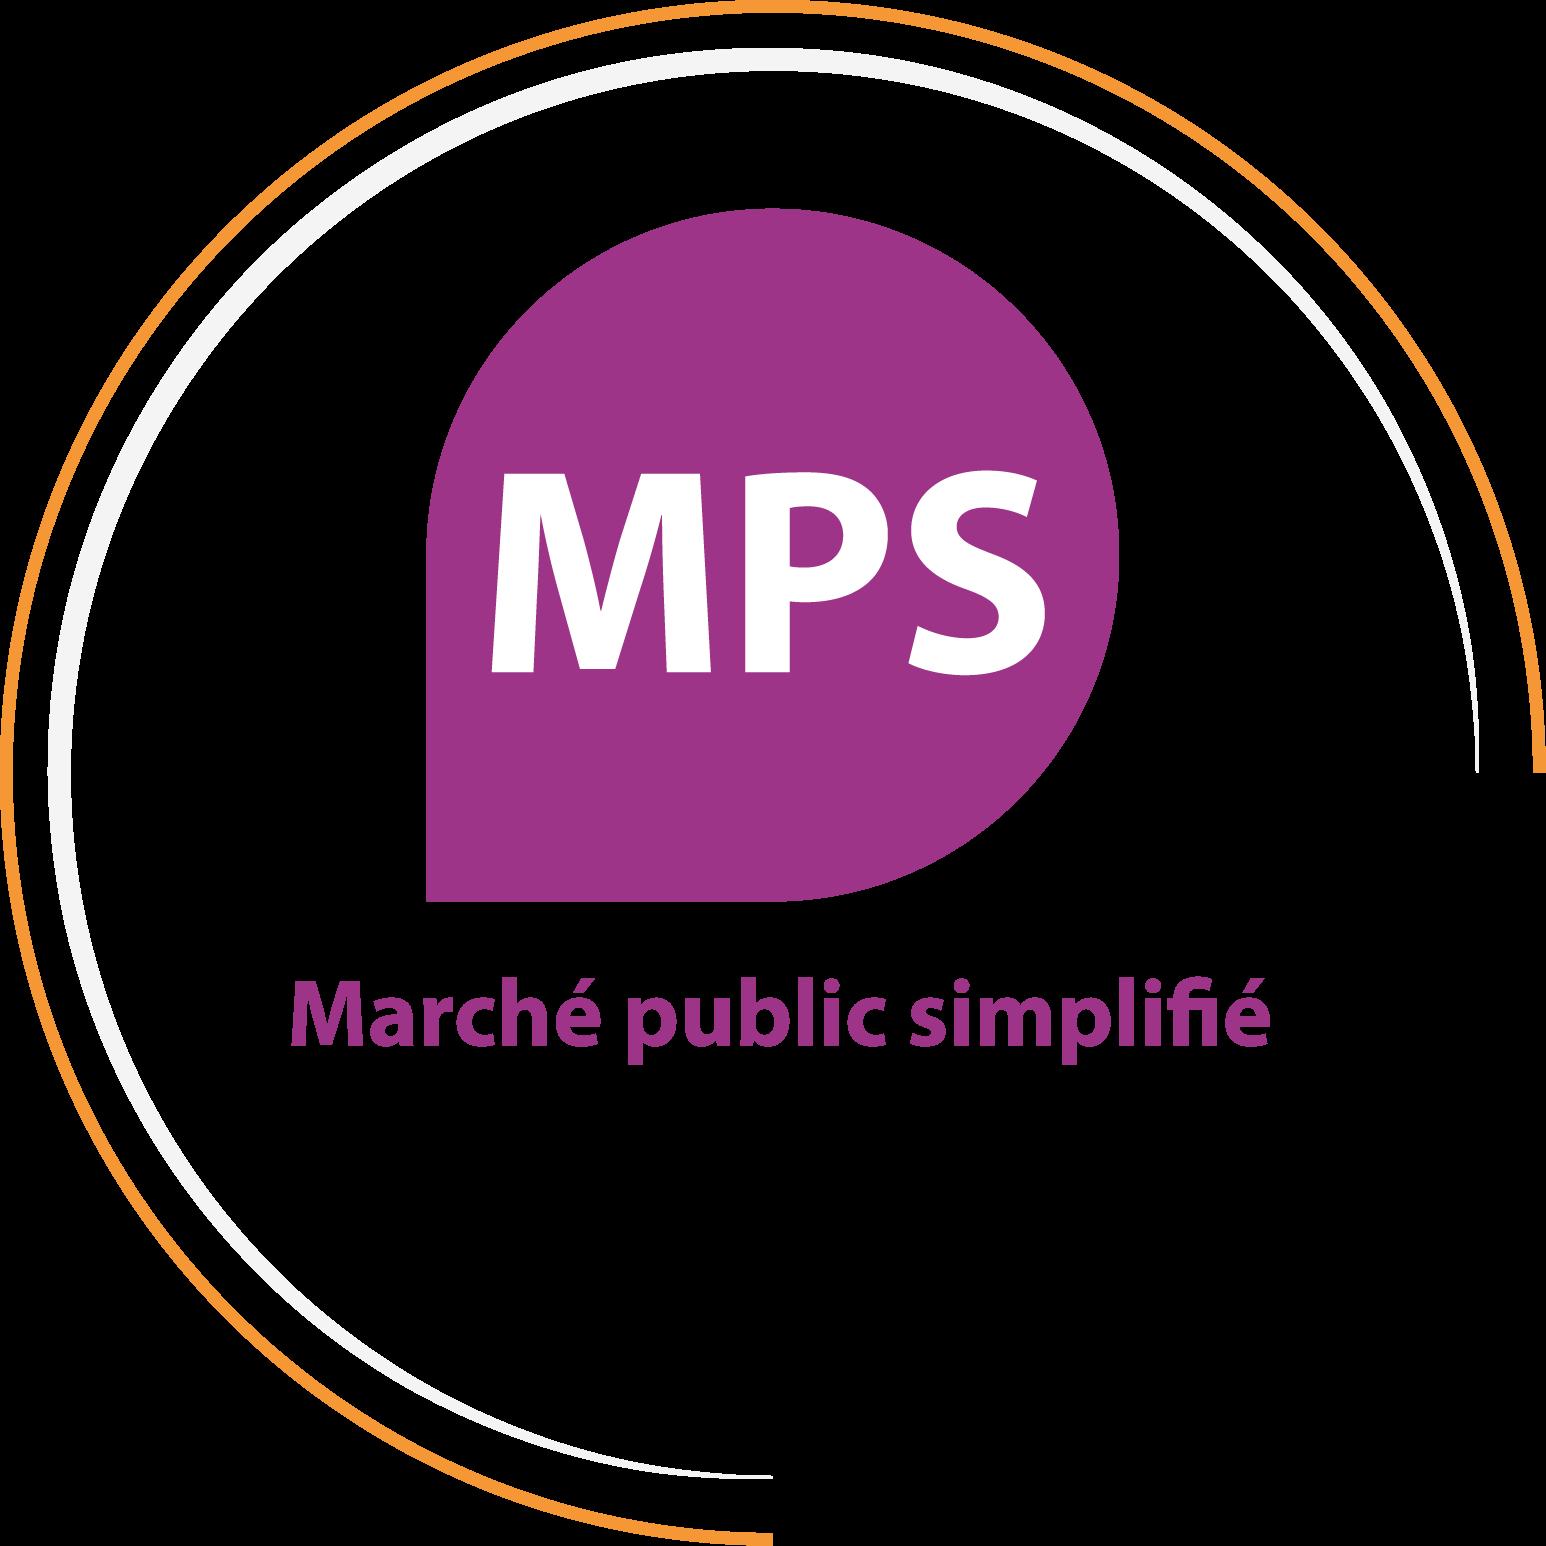 mps2016